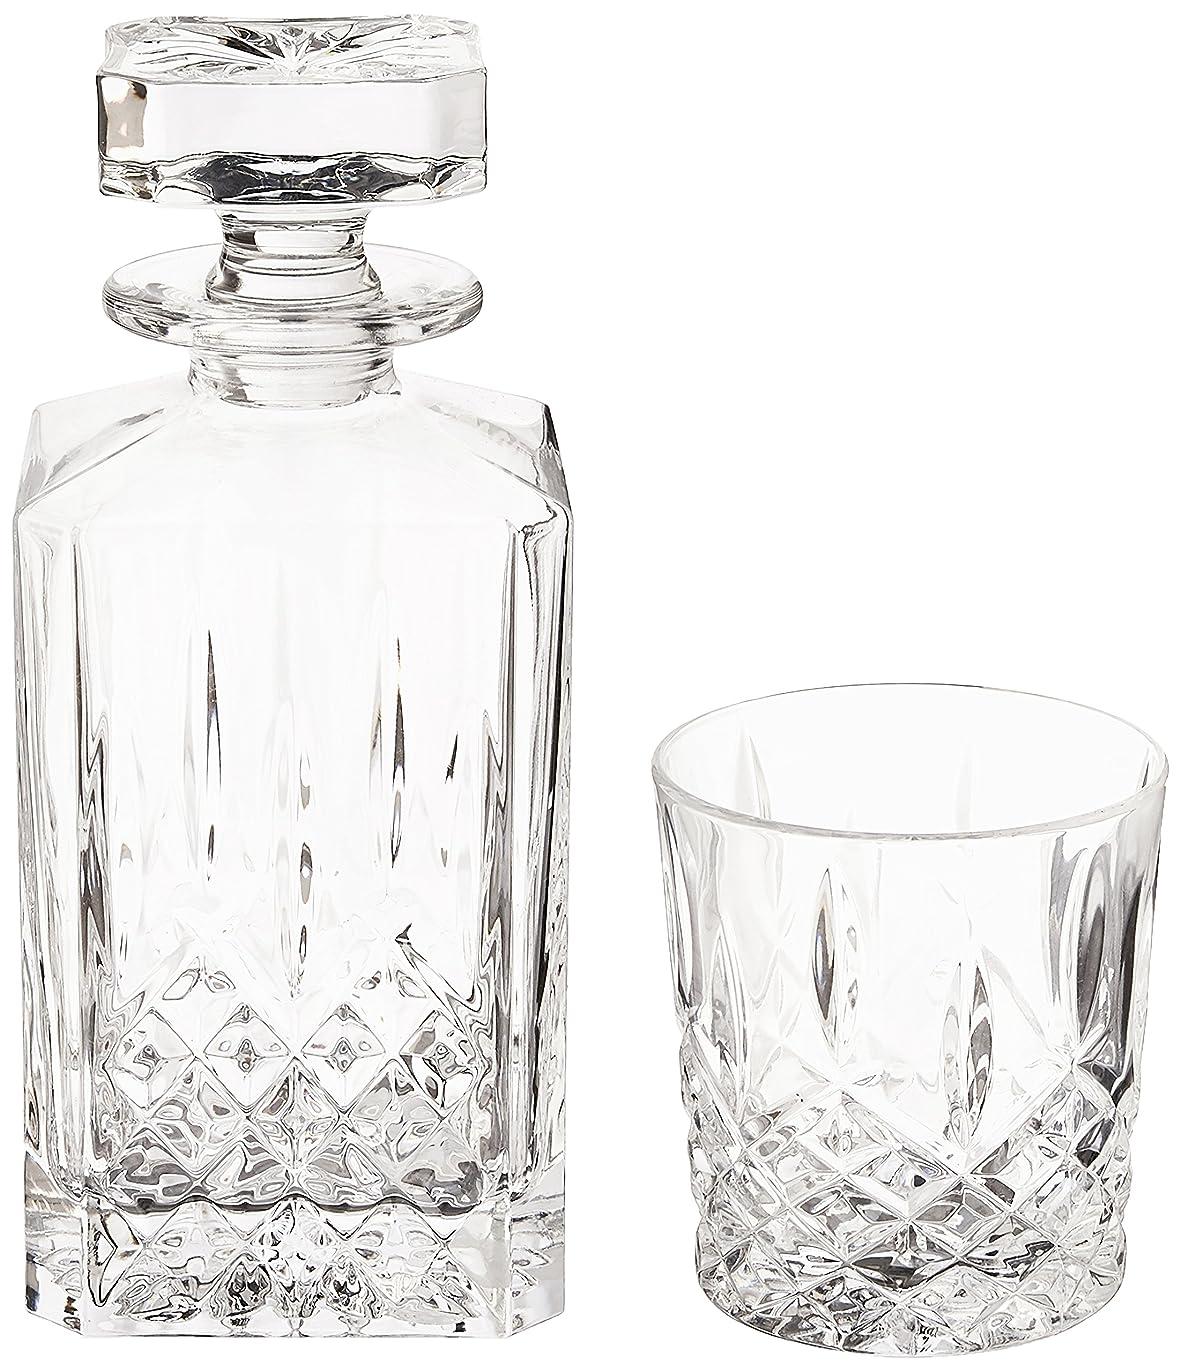 進化する不適切な一定(Decanter Set) - Marquis by Waterford Markham 330ml Double Old Fashioned Glasses Pair and Square Decanter Set, Unleaded Crystal